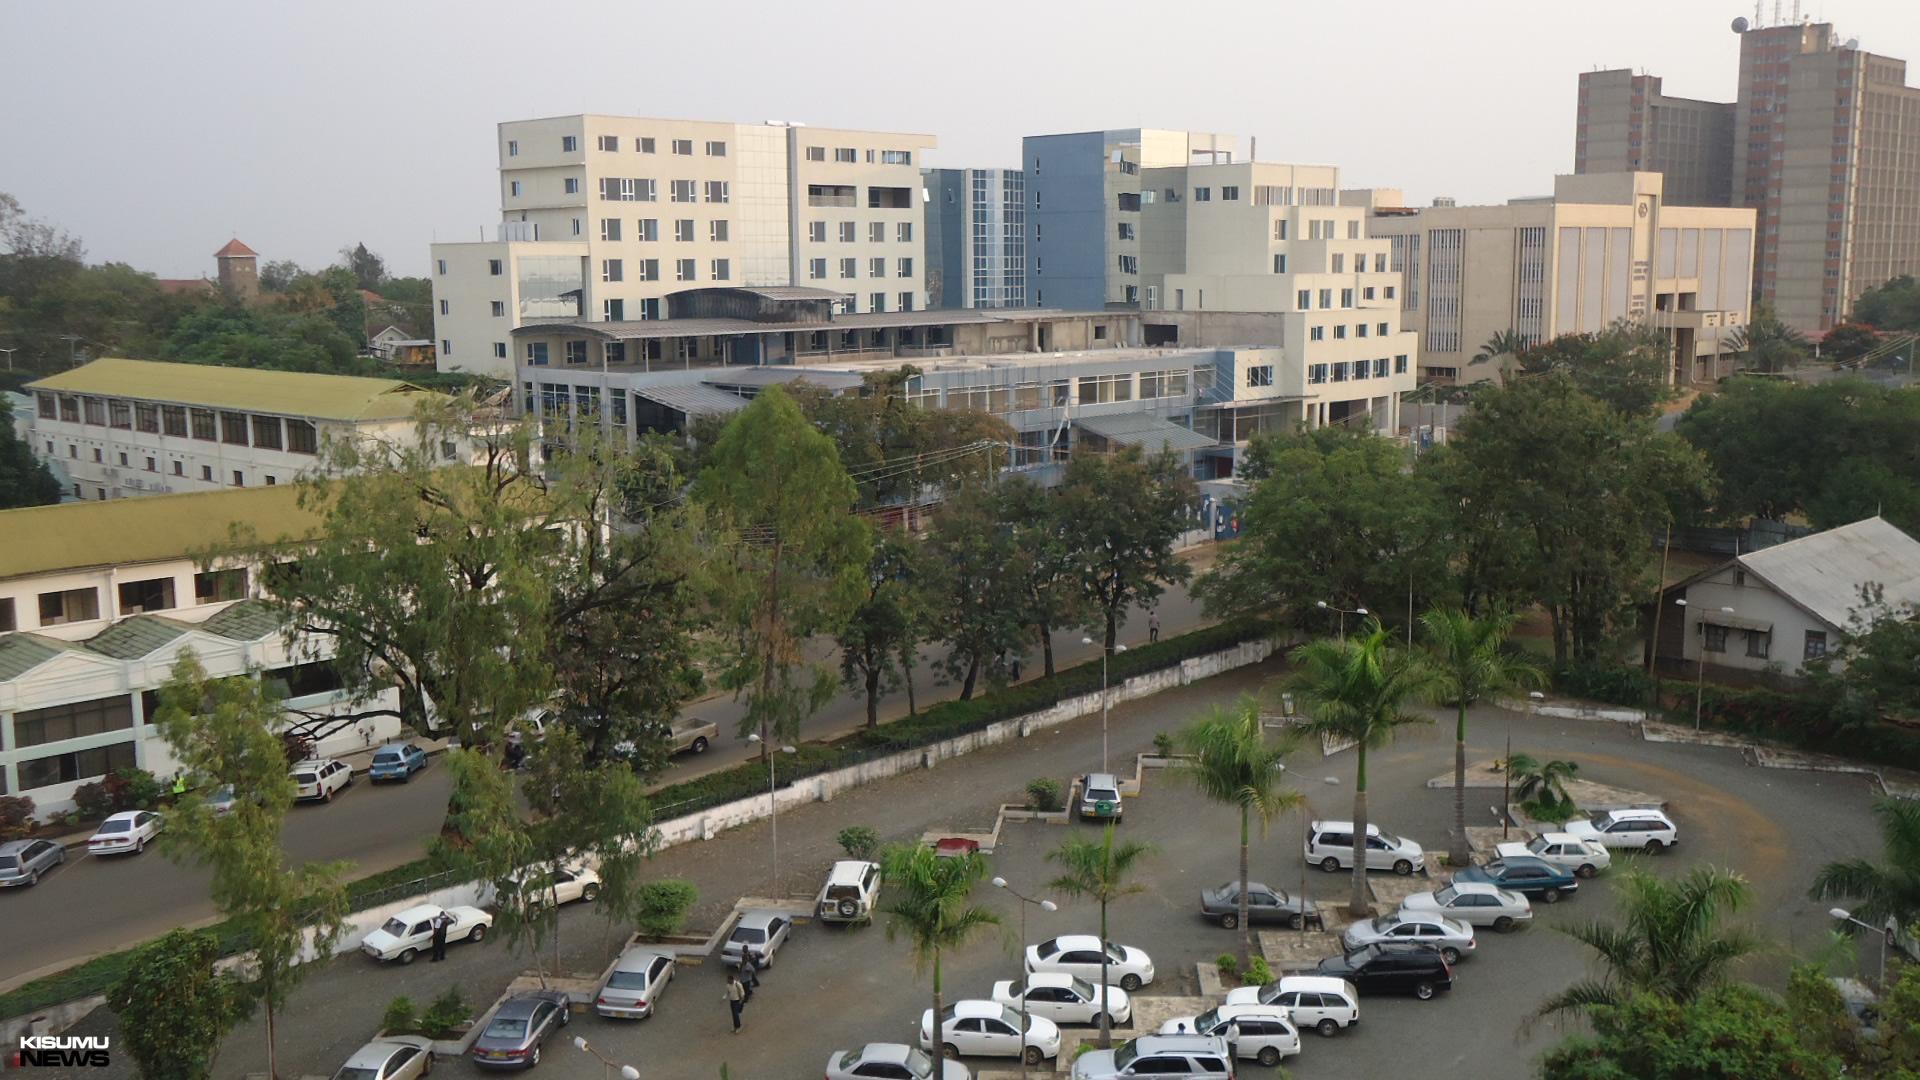 Photos of kisumu city